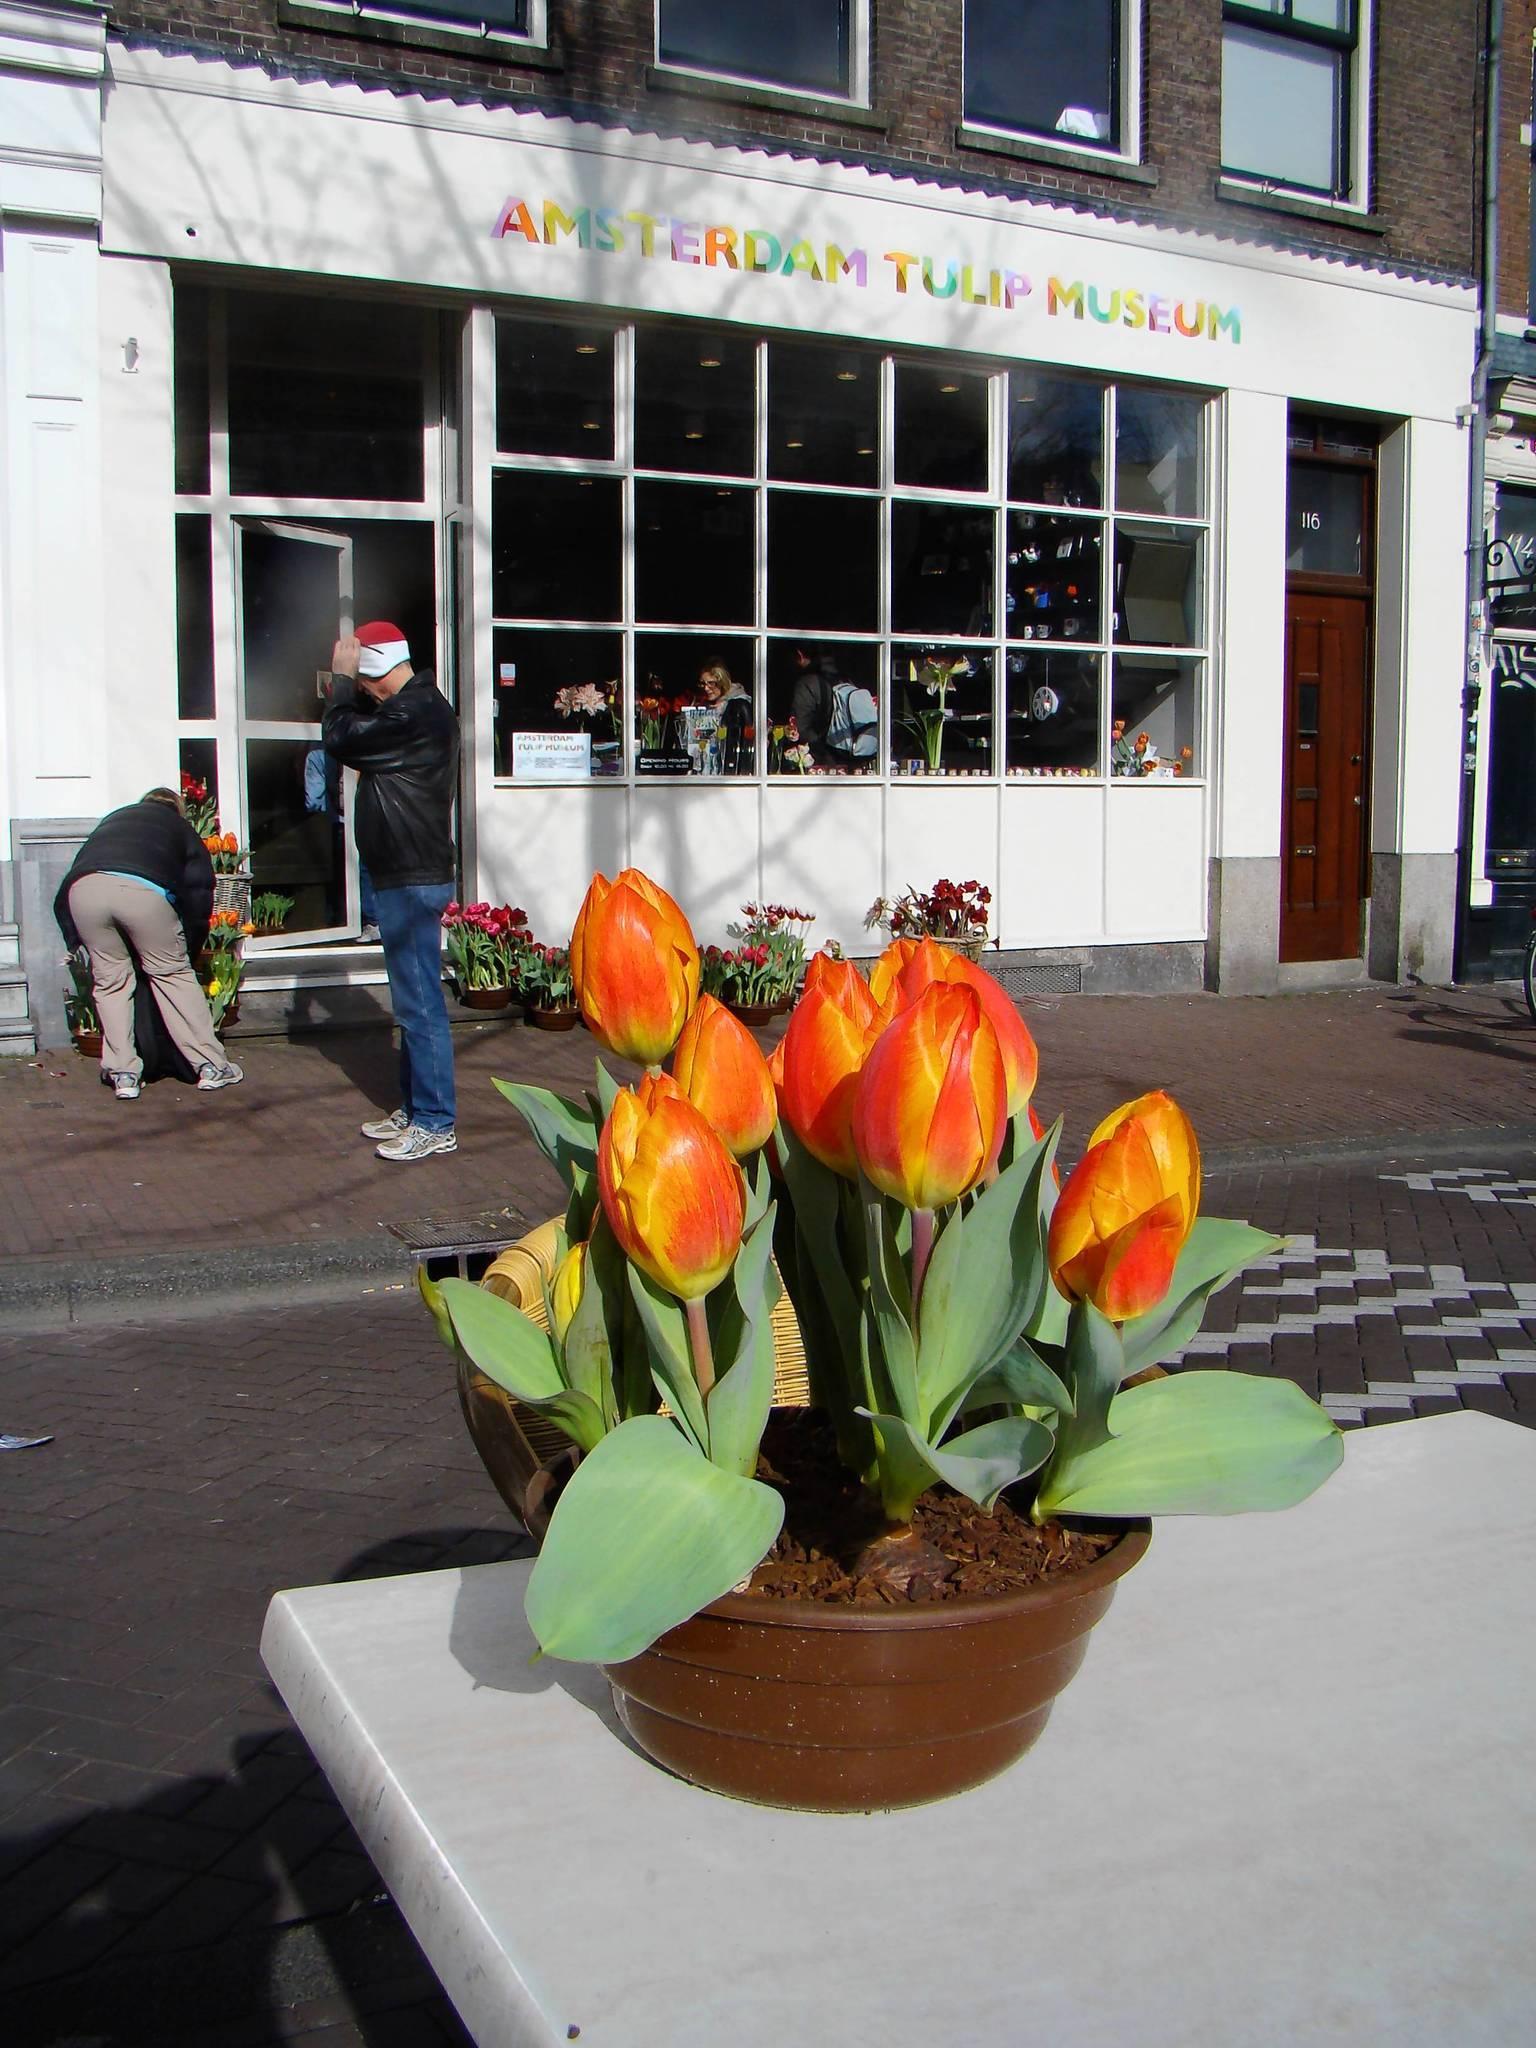 Museum puts Amsterdam in eternal bloom